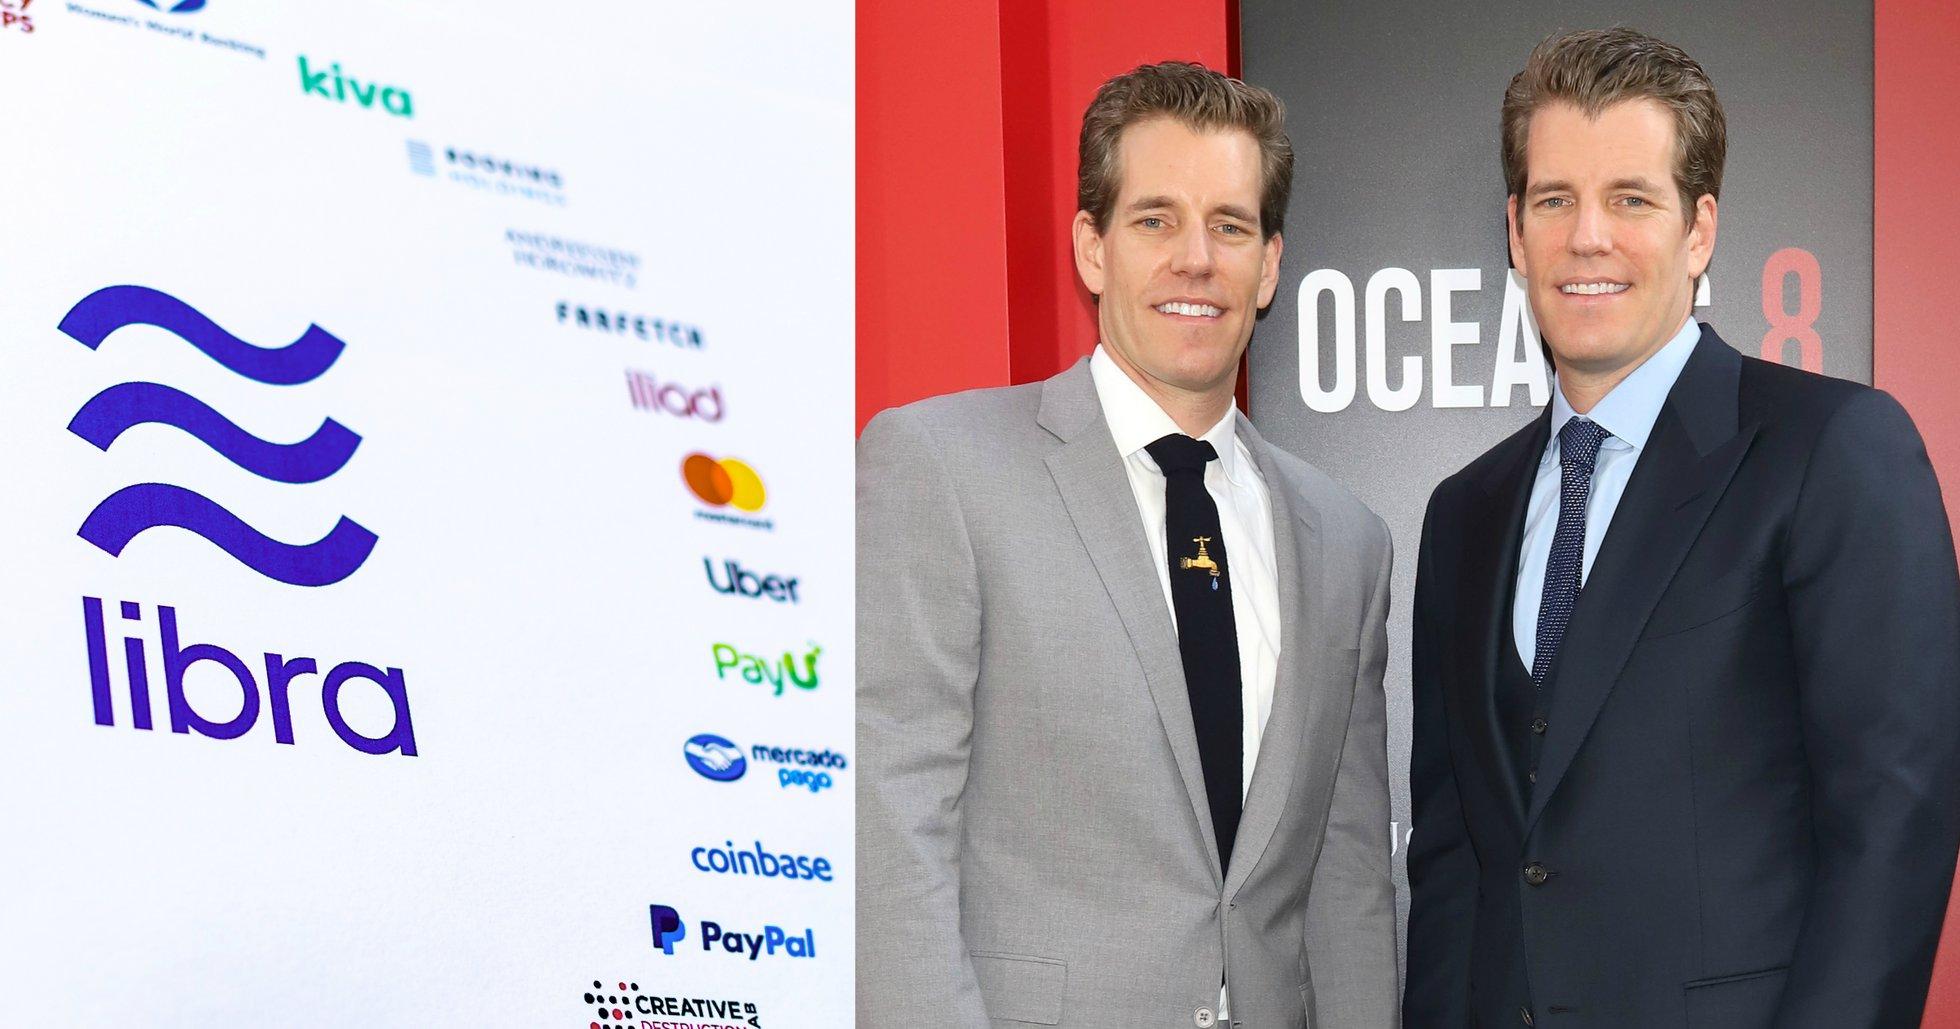 Tvillingarna Winklevoss vill jobba med Facebook igen – för samtal om att ansluta sig till Libra Association.